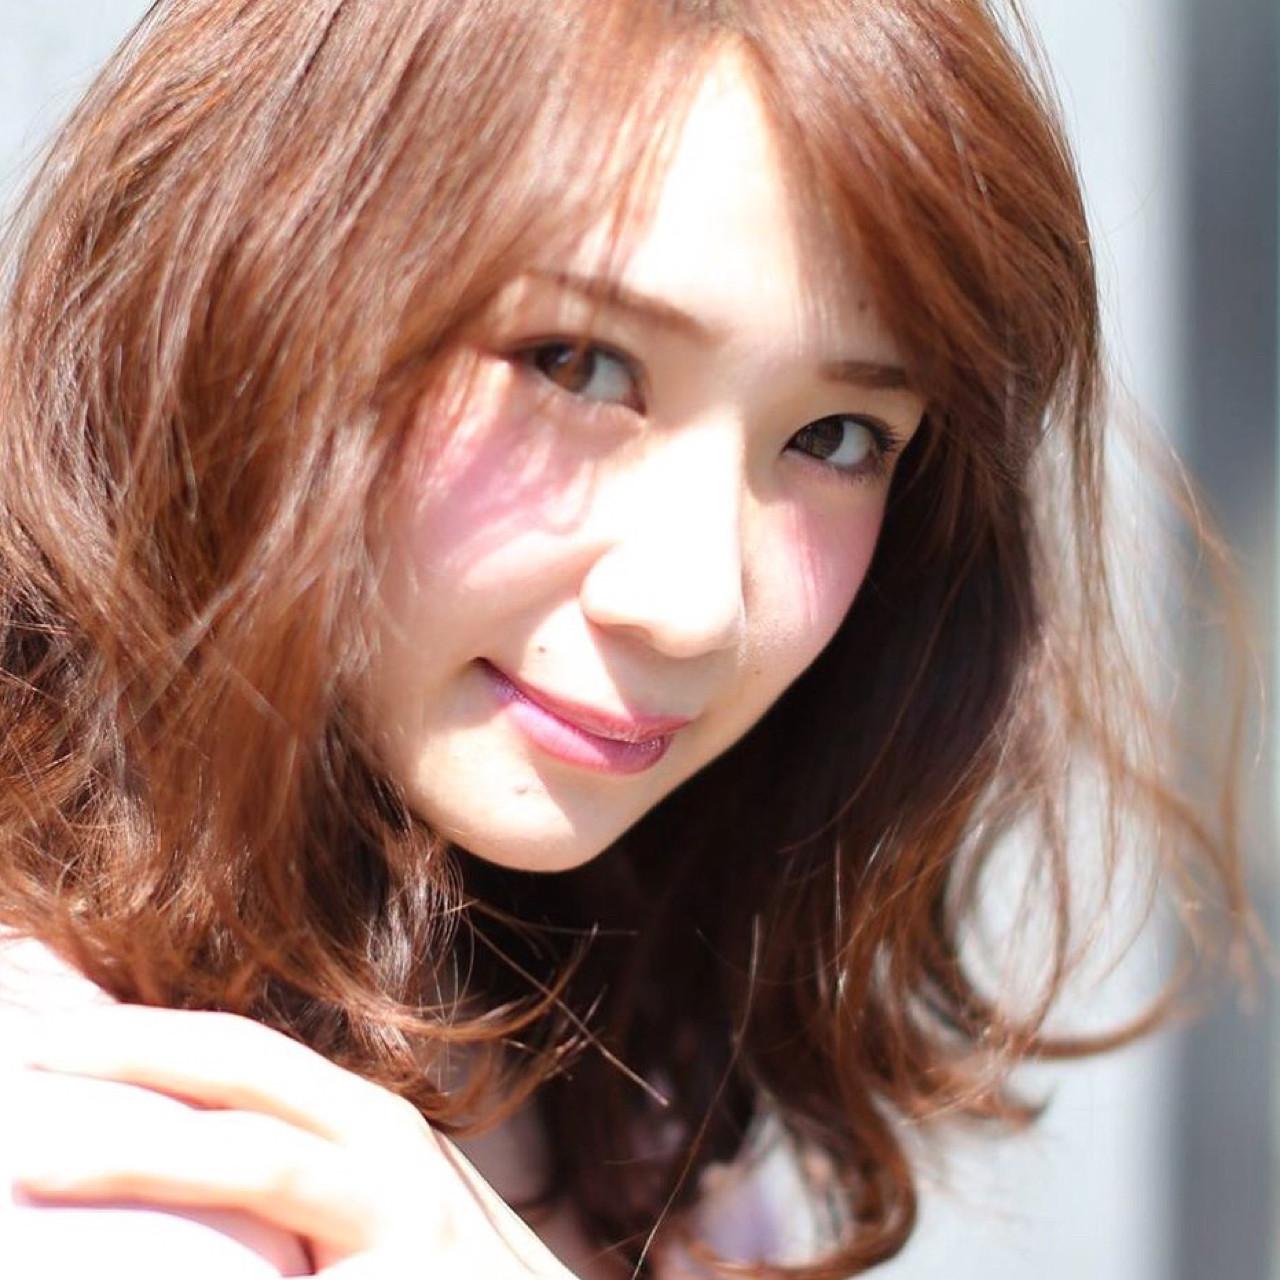 フリンジバング デート ミディアム フェミニン ヘアスタイルや髪型の写真・画像 | 矢部功也 / ietto